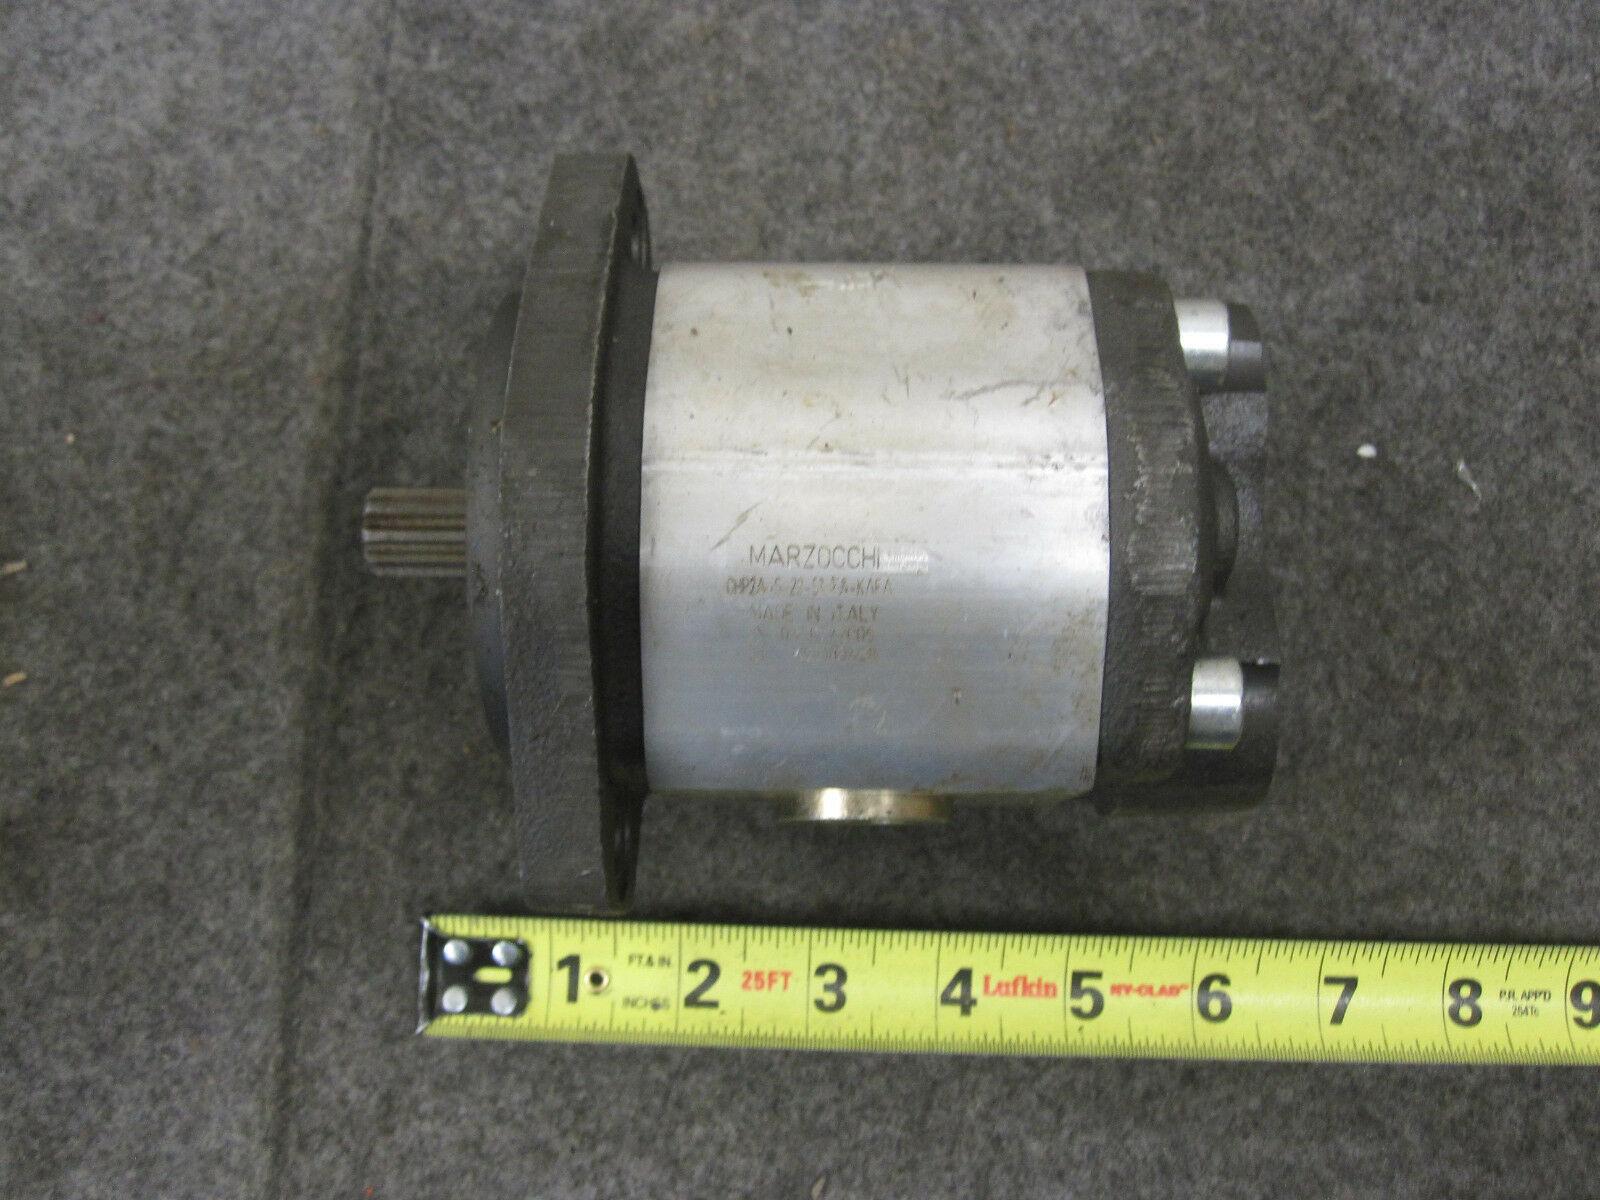 MARZOCCHI HYDRAULIC PUMP GHP2A-S-22-S3-5A-KAFA